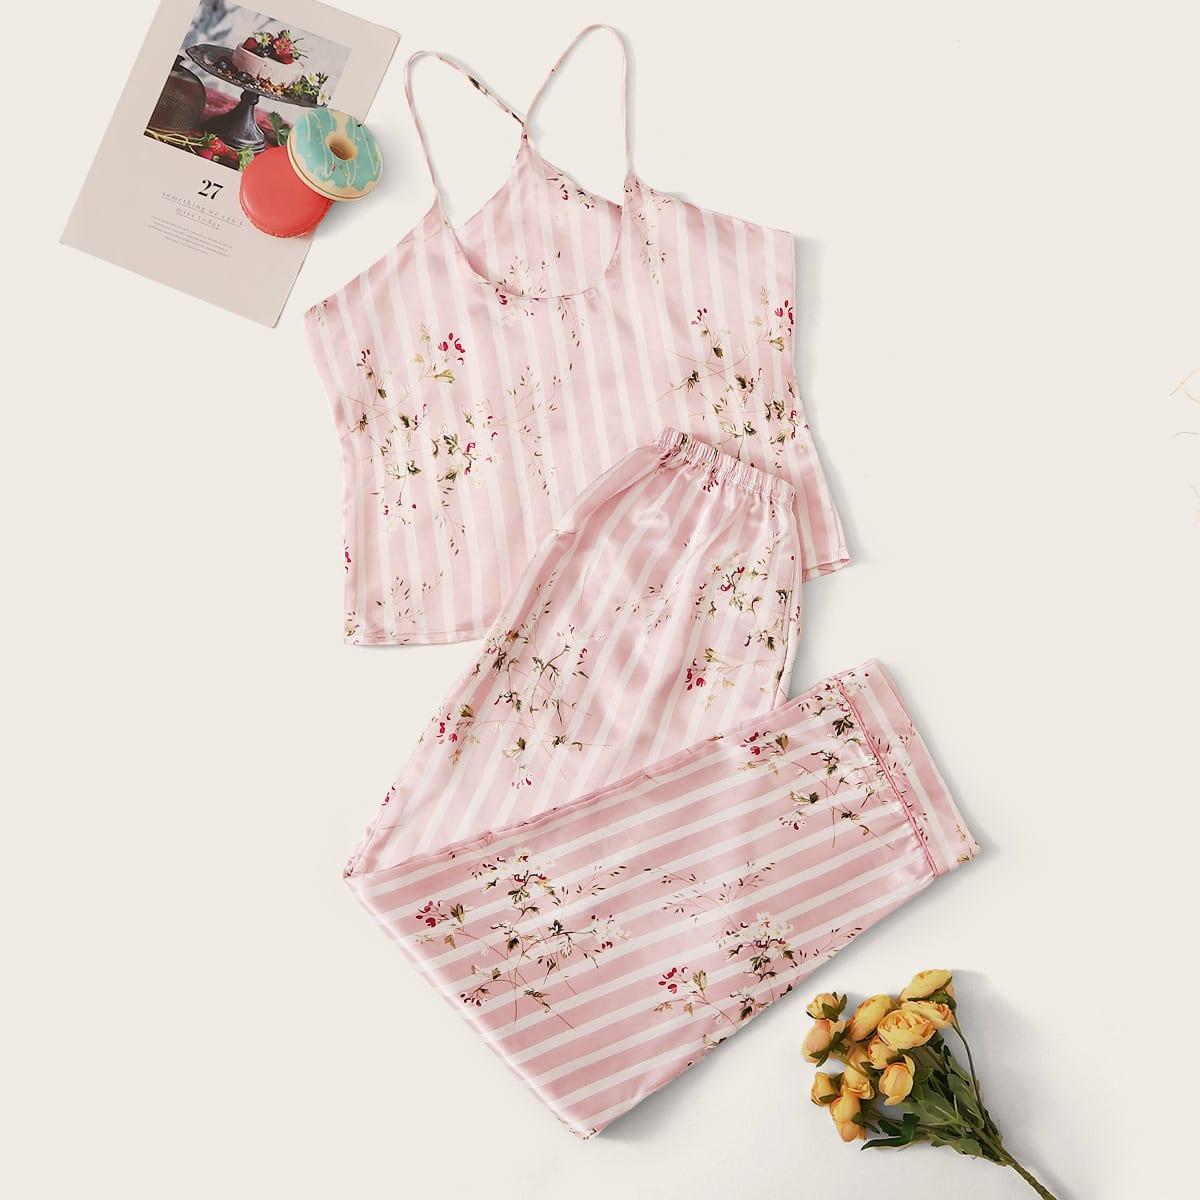 Атласная пижама в полоску с цветочным принтом